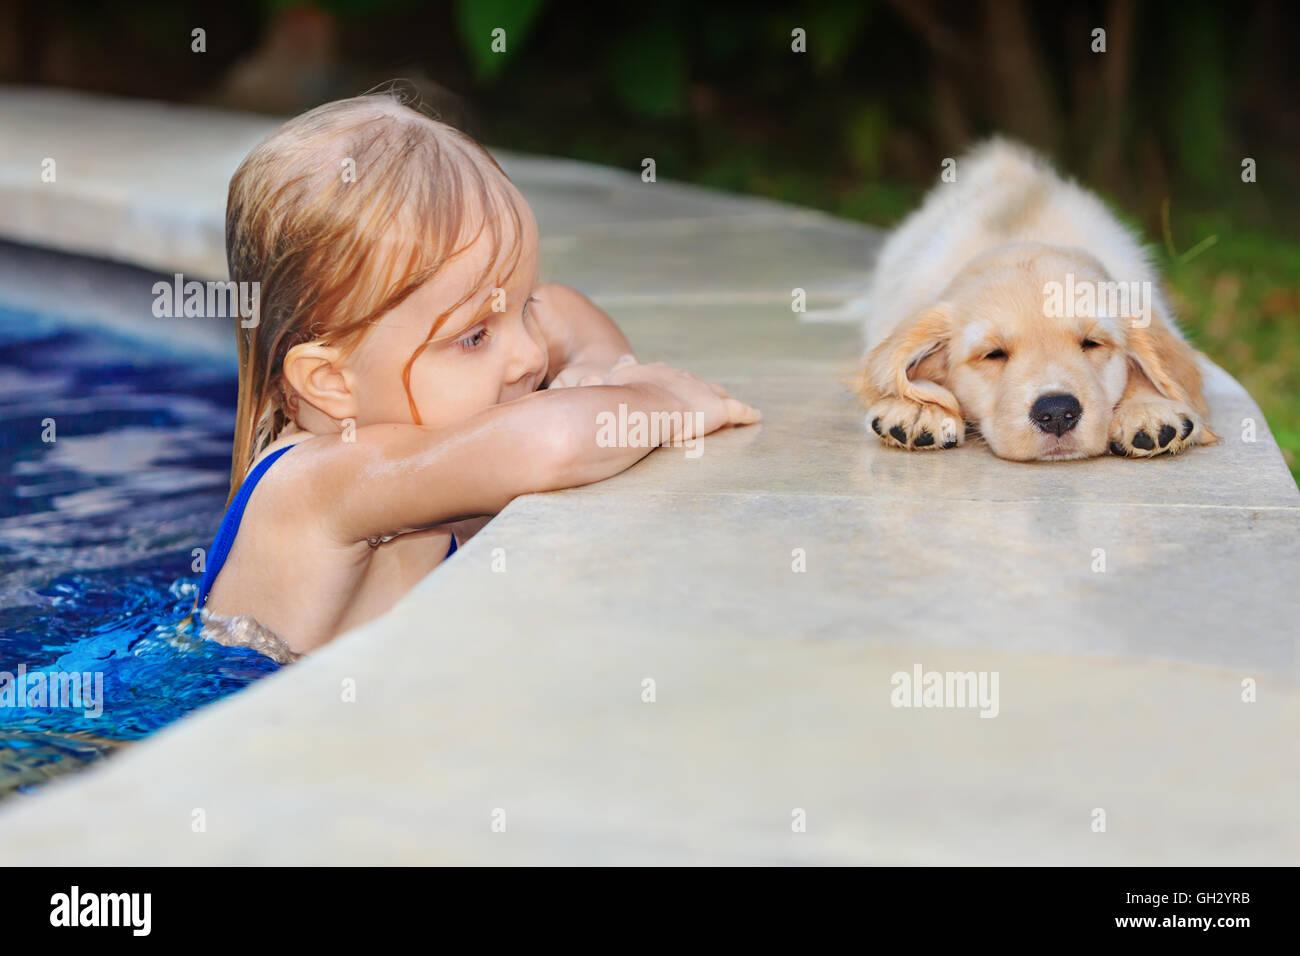 Fotos divertidas de bebés pequeños nadando en la piscina mirar lazy retriever cachorro. Los niños Imagen De Stock